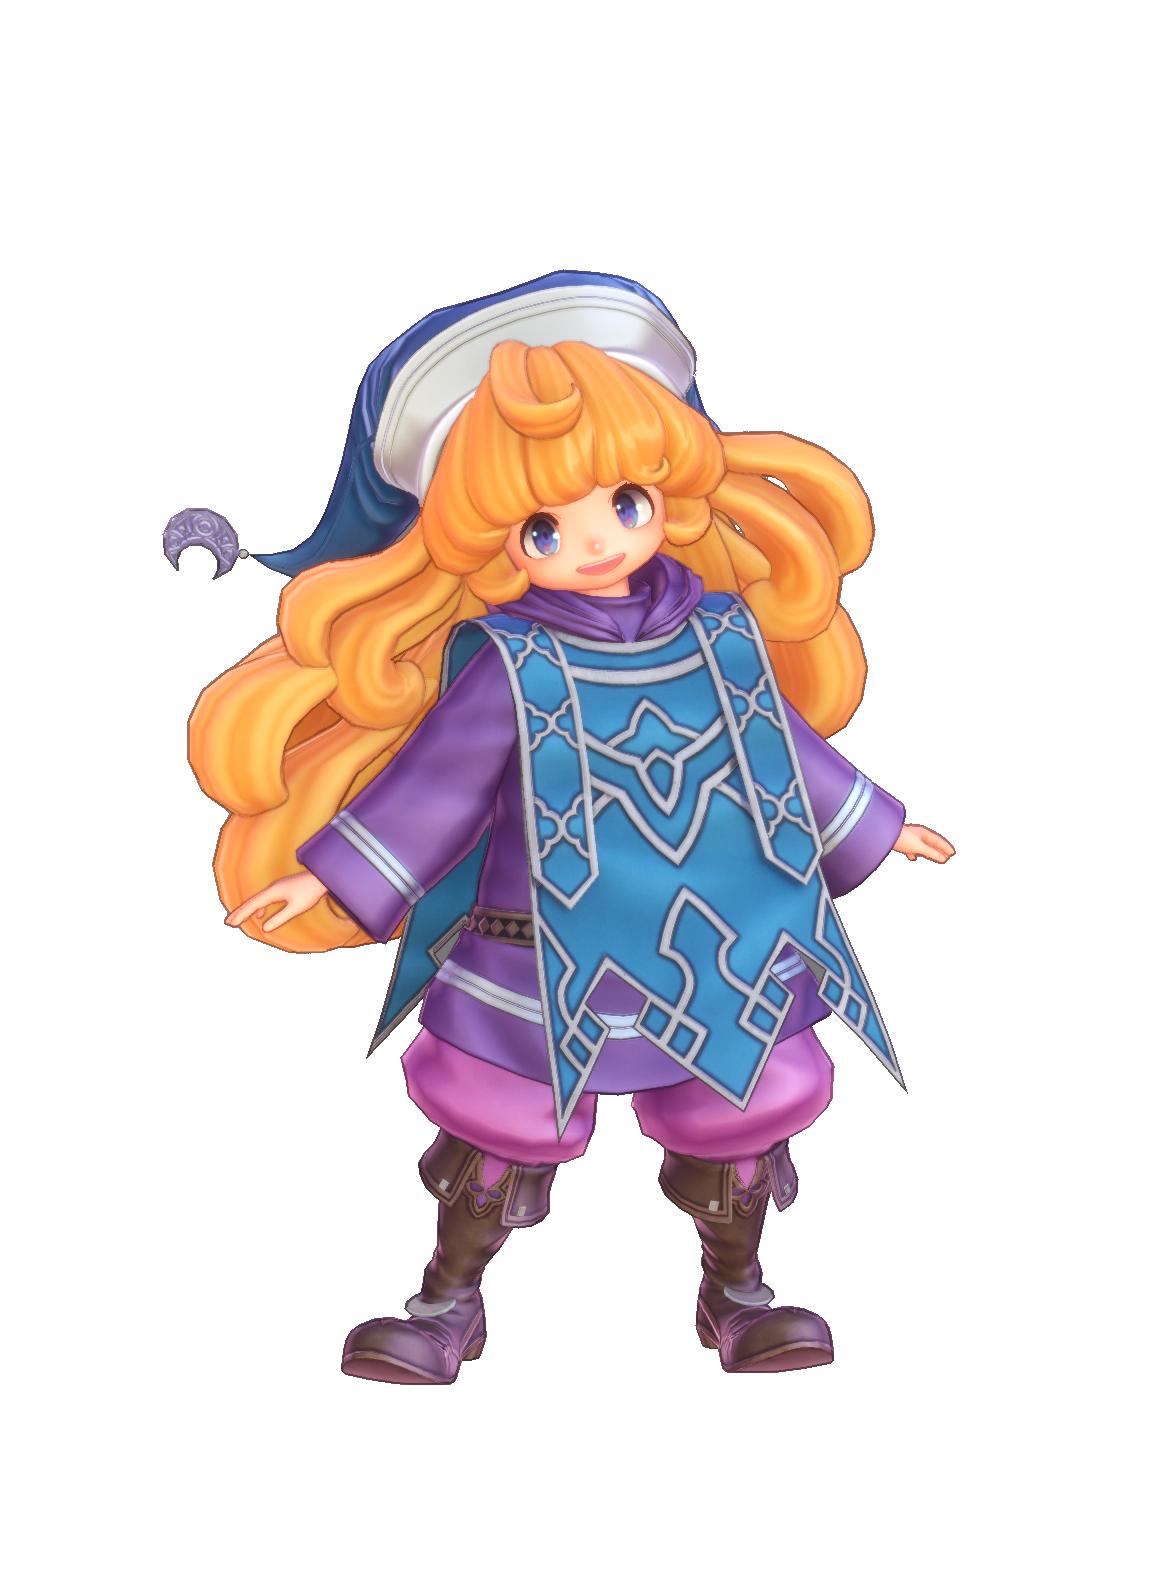 Волшебница - Trials of Mana